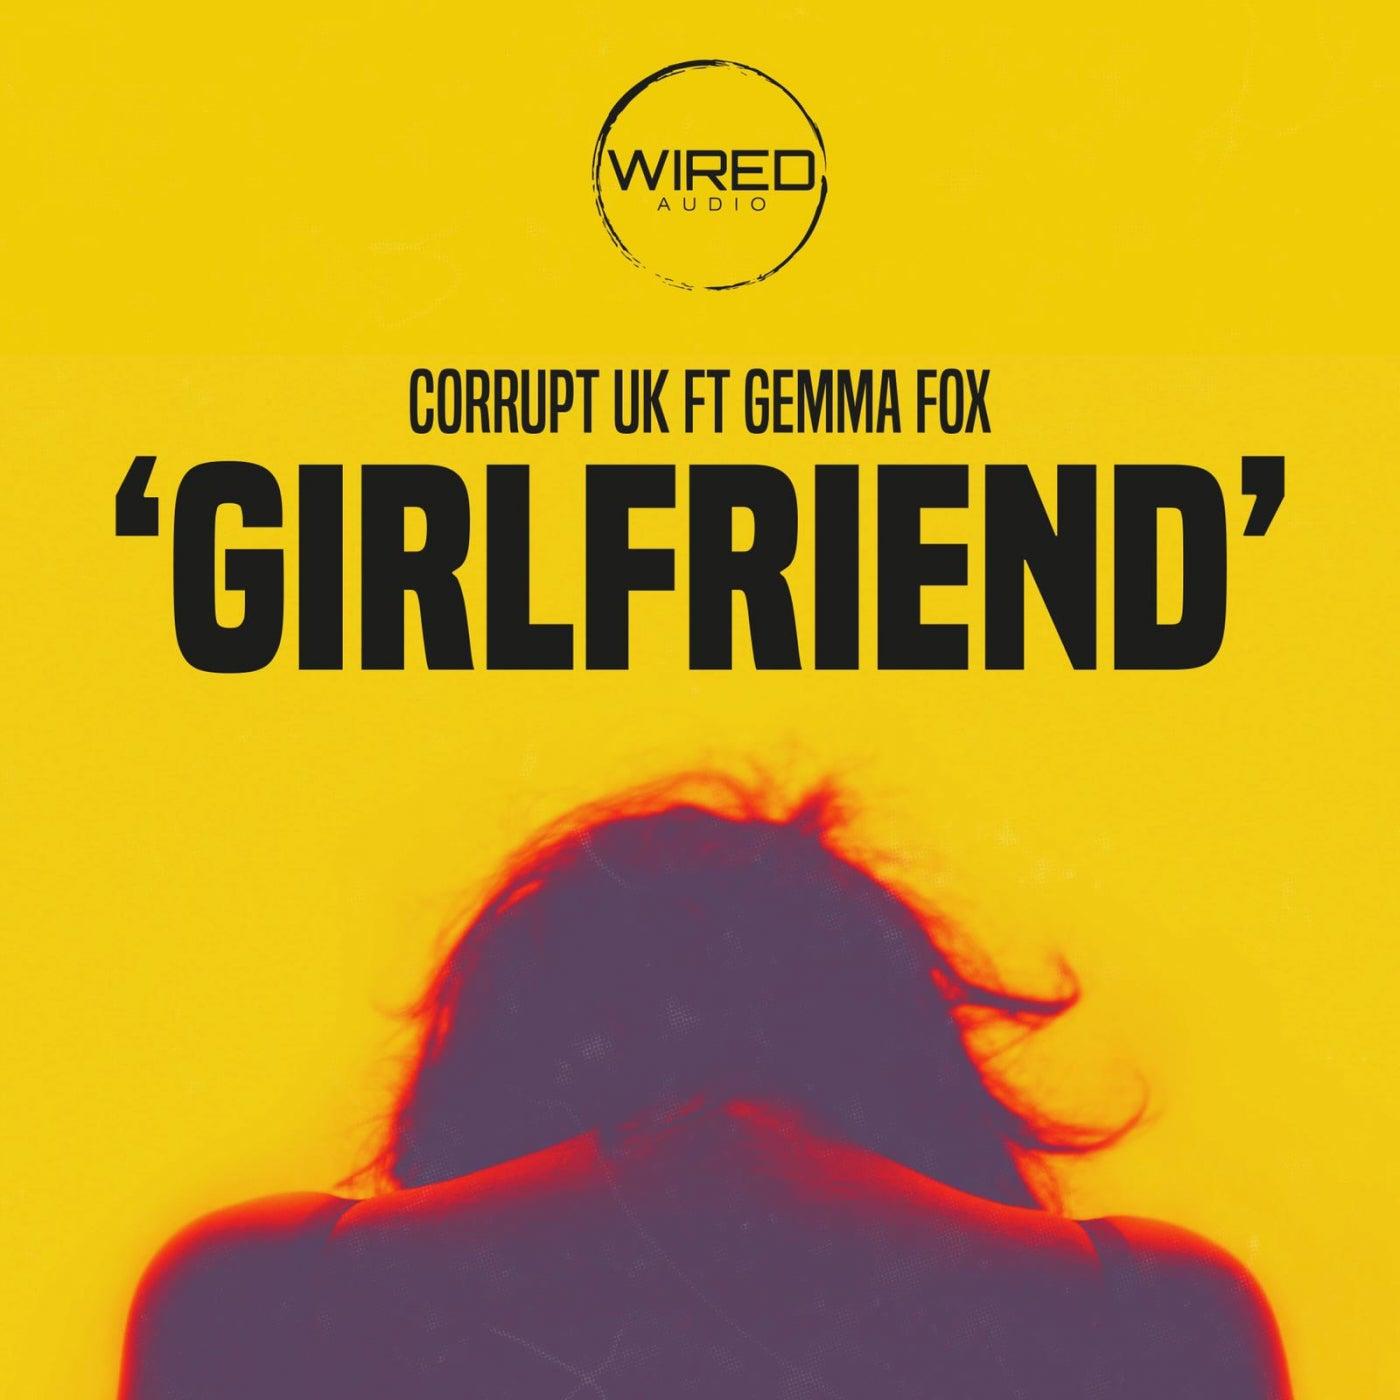 Girlfriend (Original Mix)